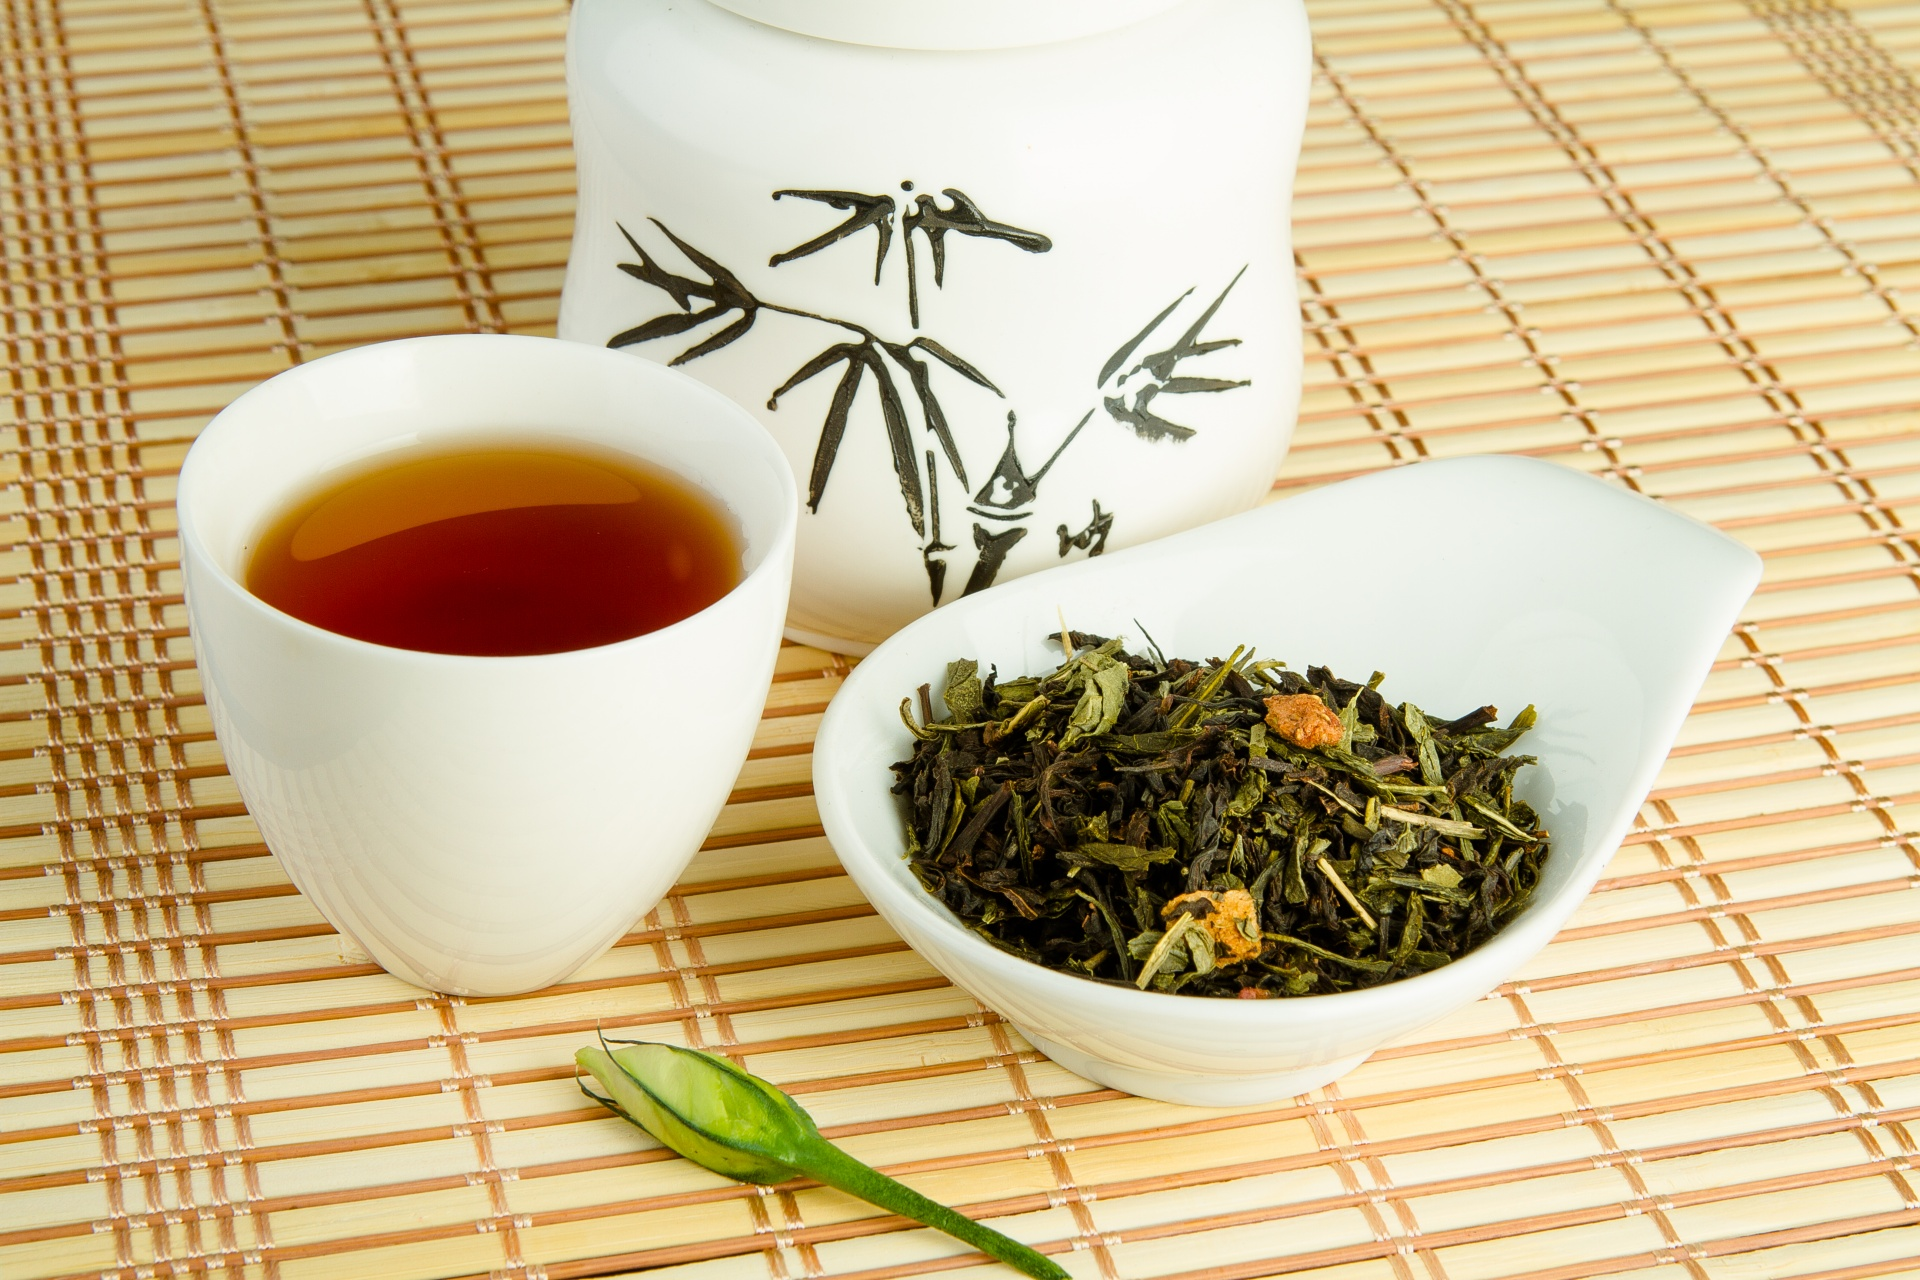 Чай в китайской чашке